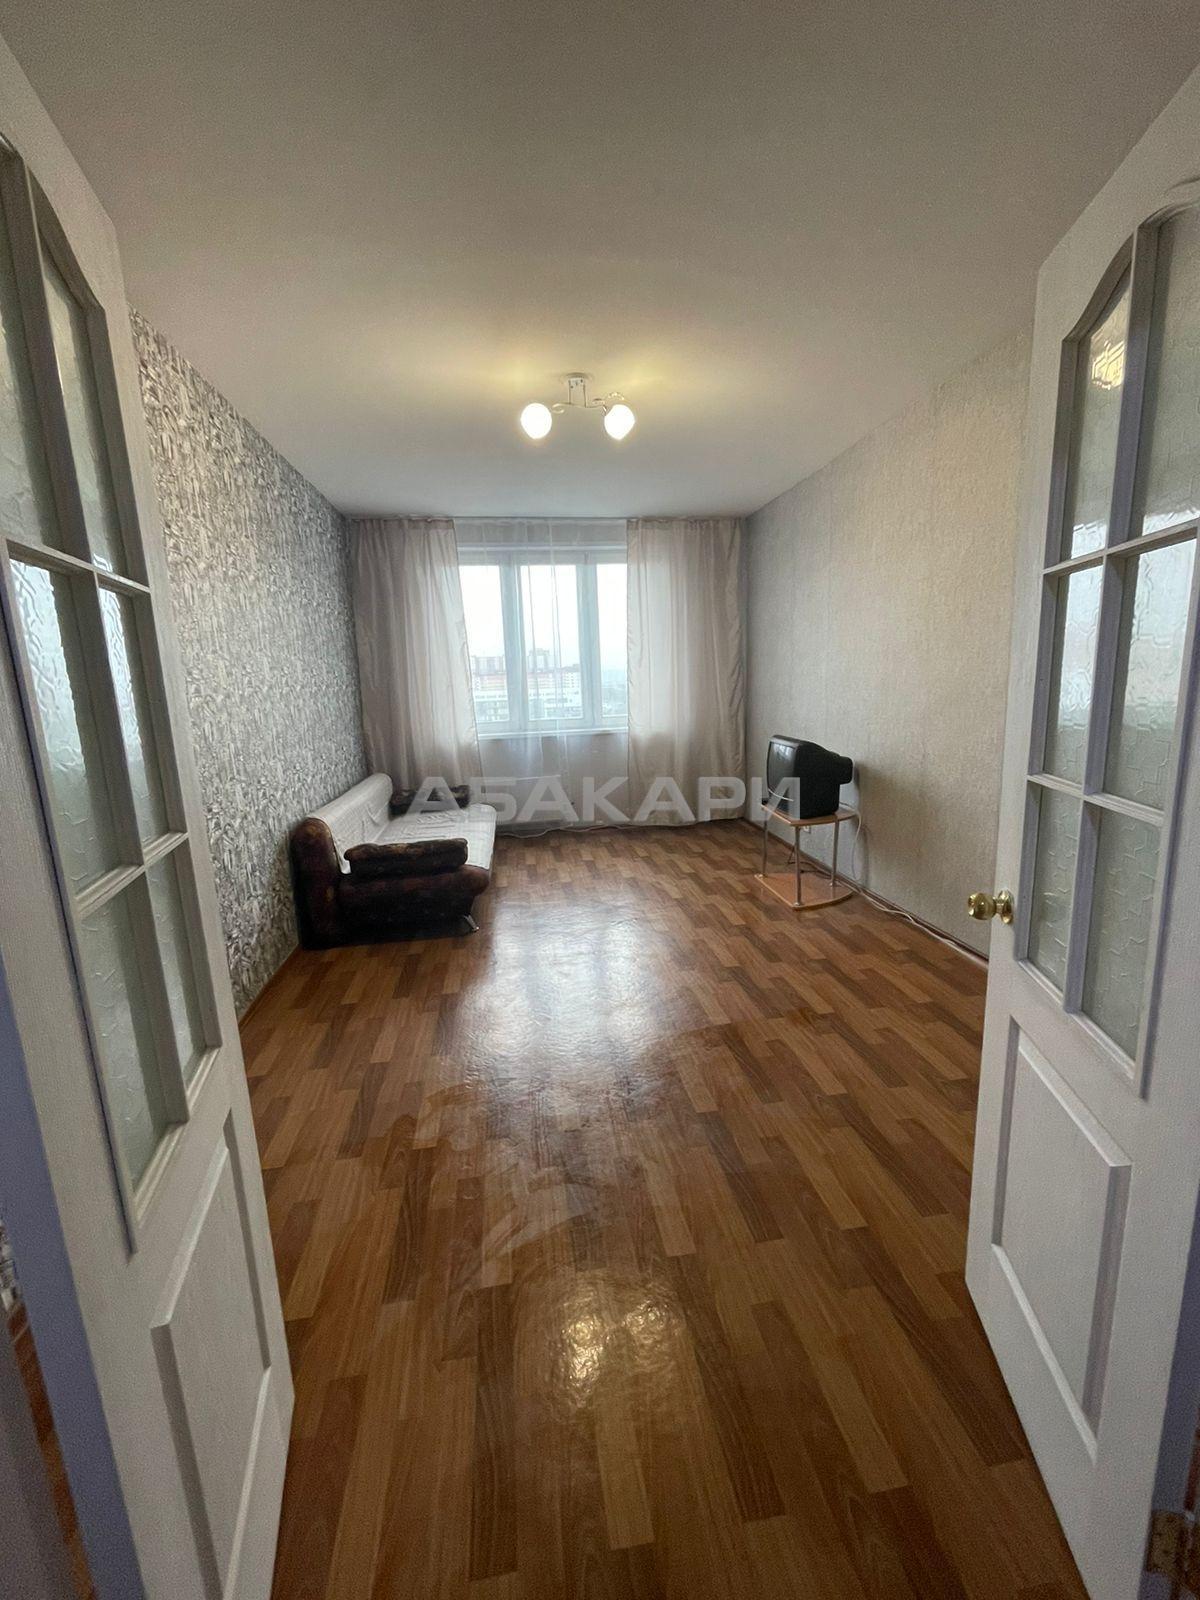 1к квартира улица Батурина, 38 | 18000 | аренда в Красноярске фото 1